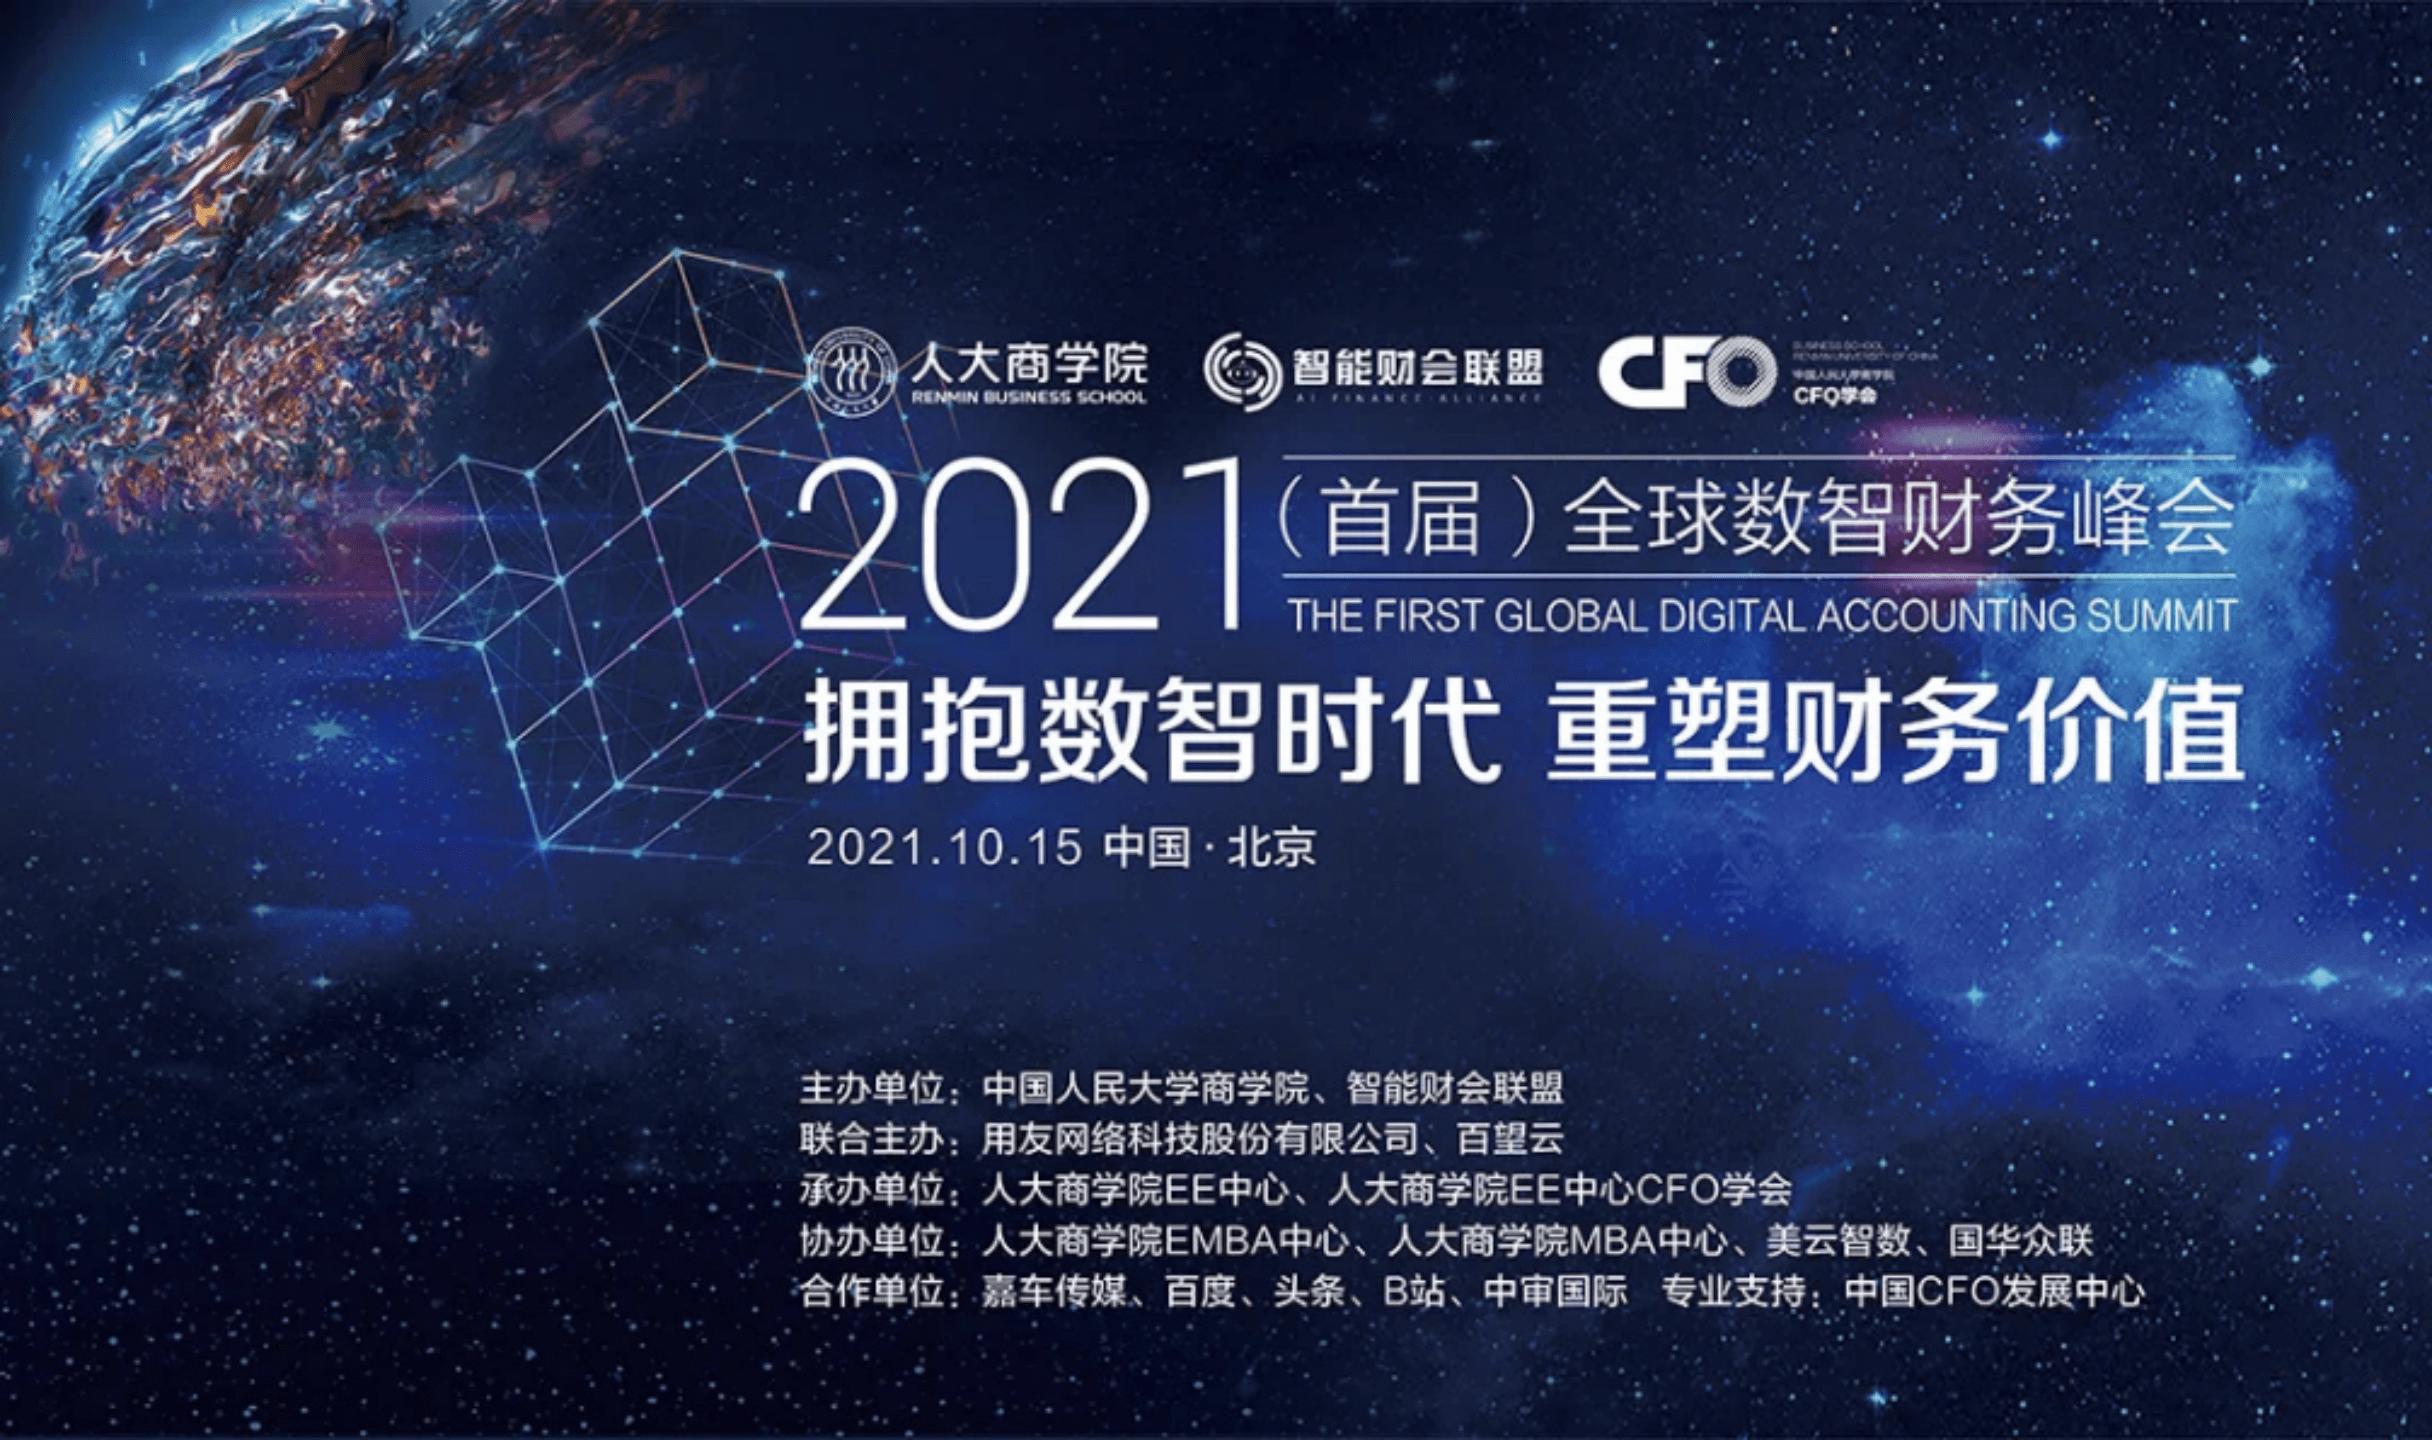 拥抱数智时代,重塑财务价值 --2021(首届)全球数智财务峰会在北京举办